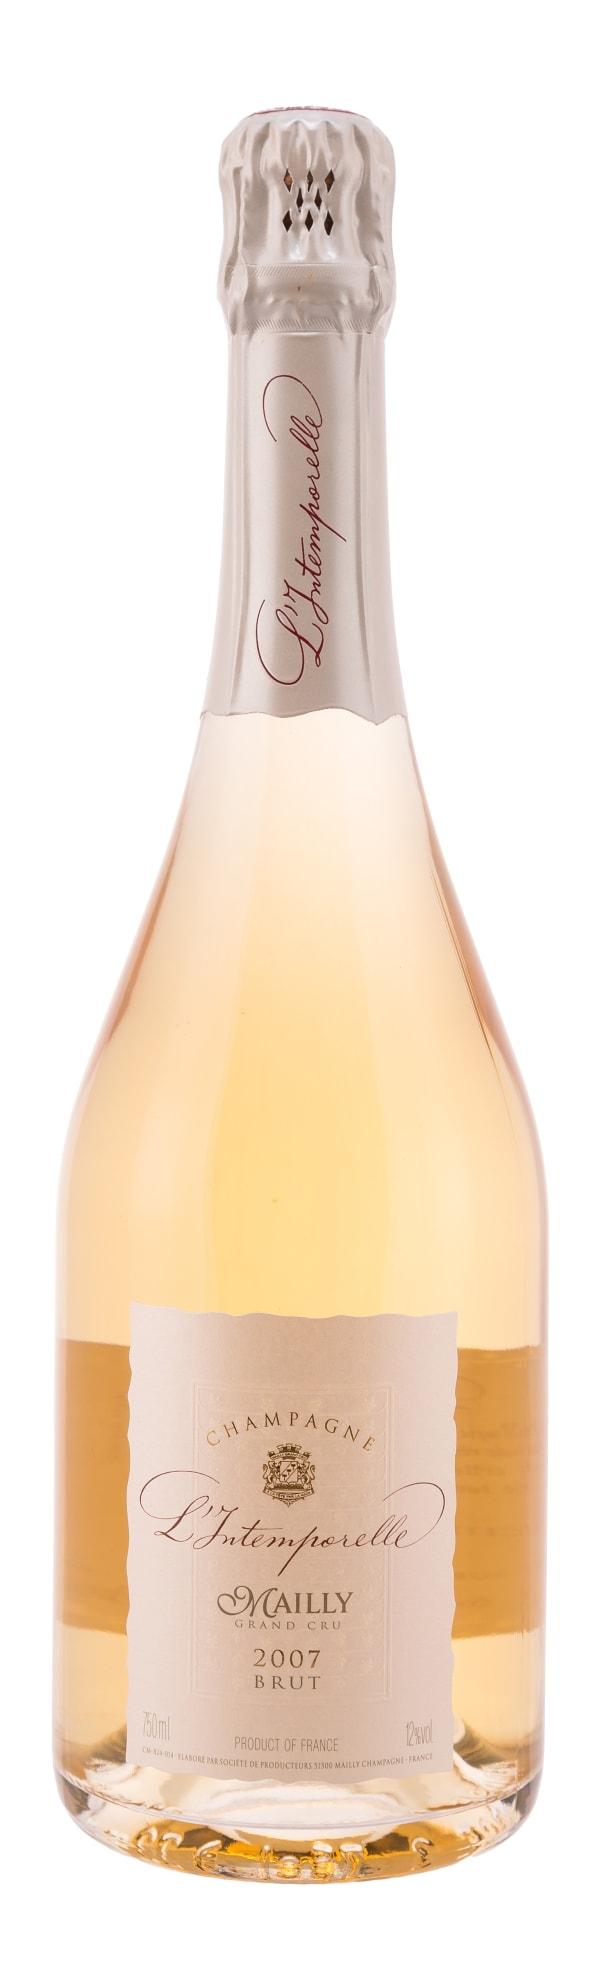 Mailly Grand Cru L'Intemporelle Champagne Brut 2006